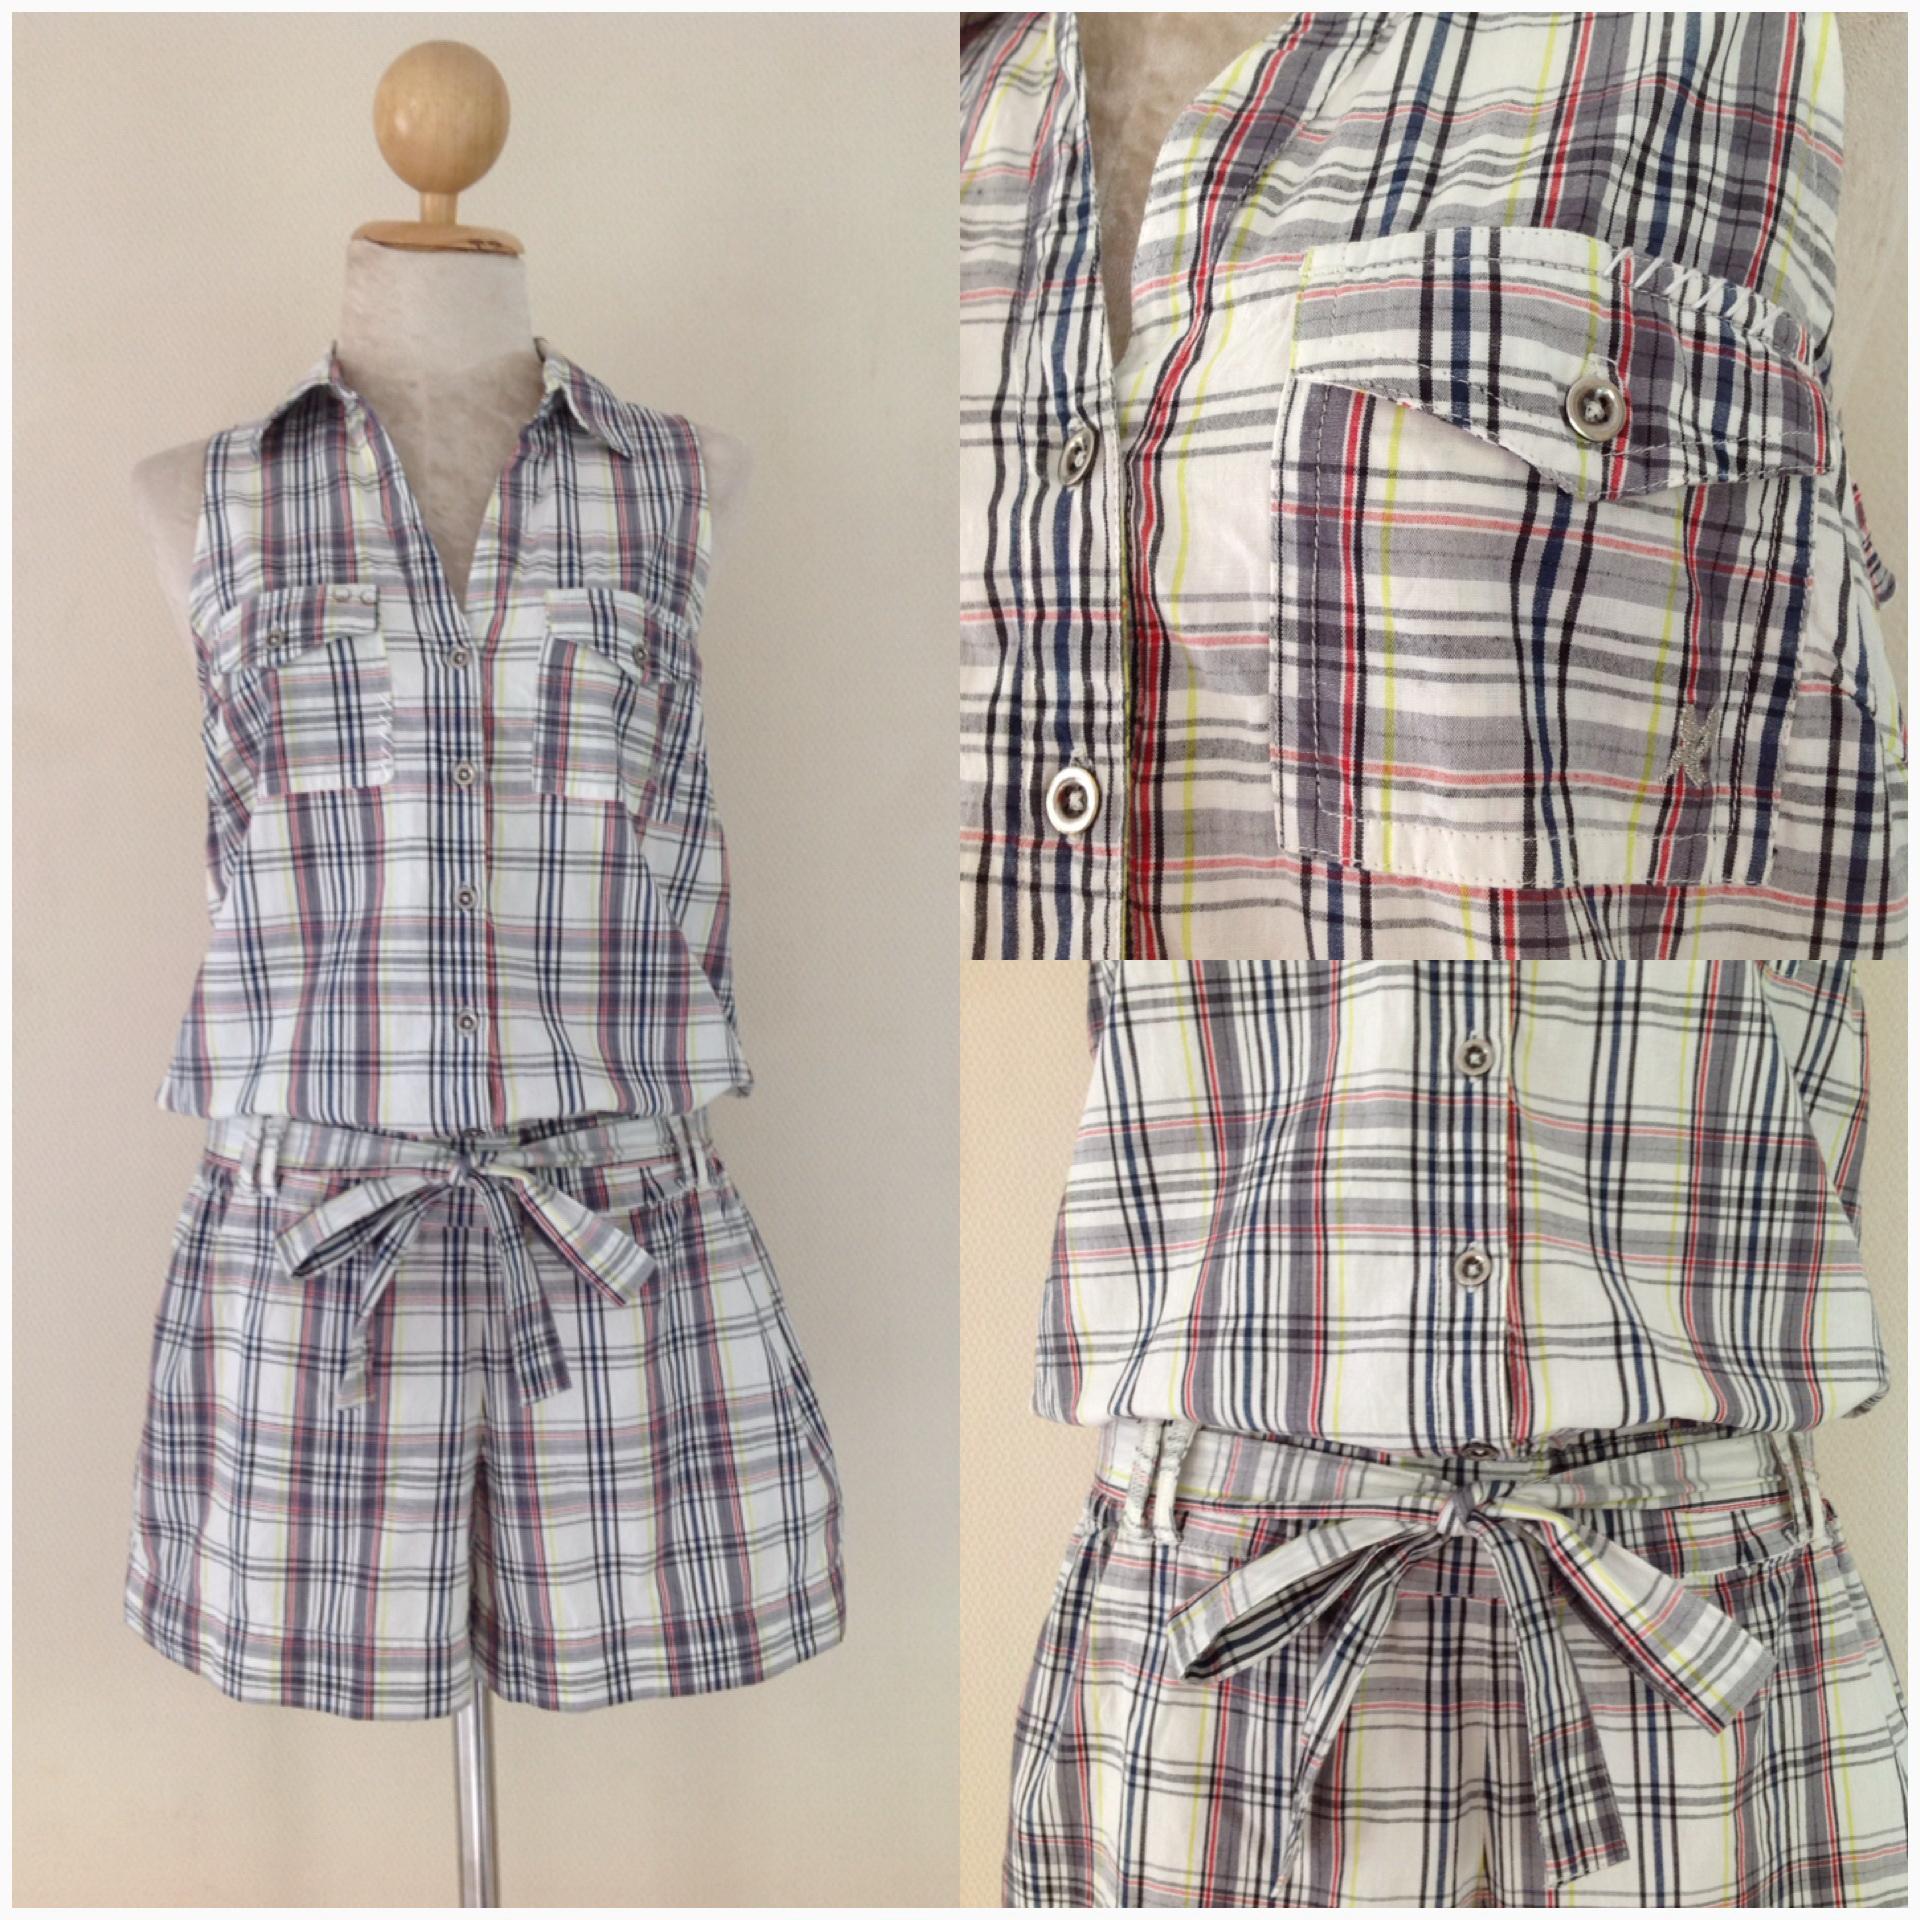 River island Playsuit Shirt Shorts Size Uk 10